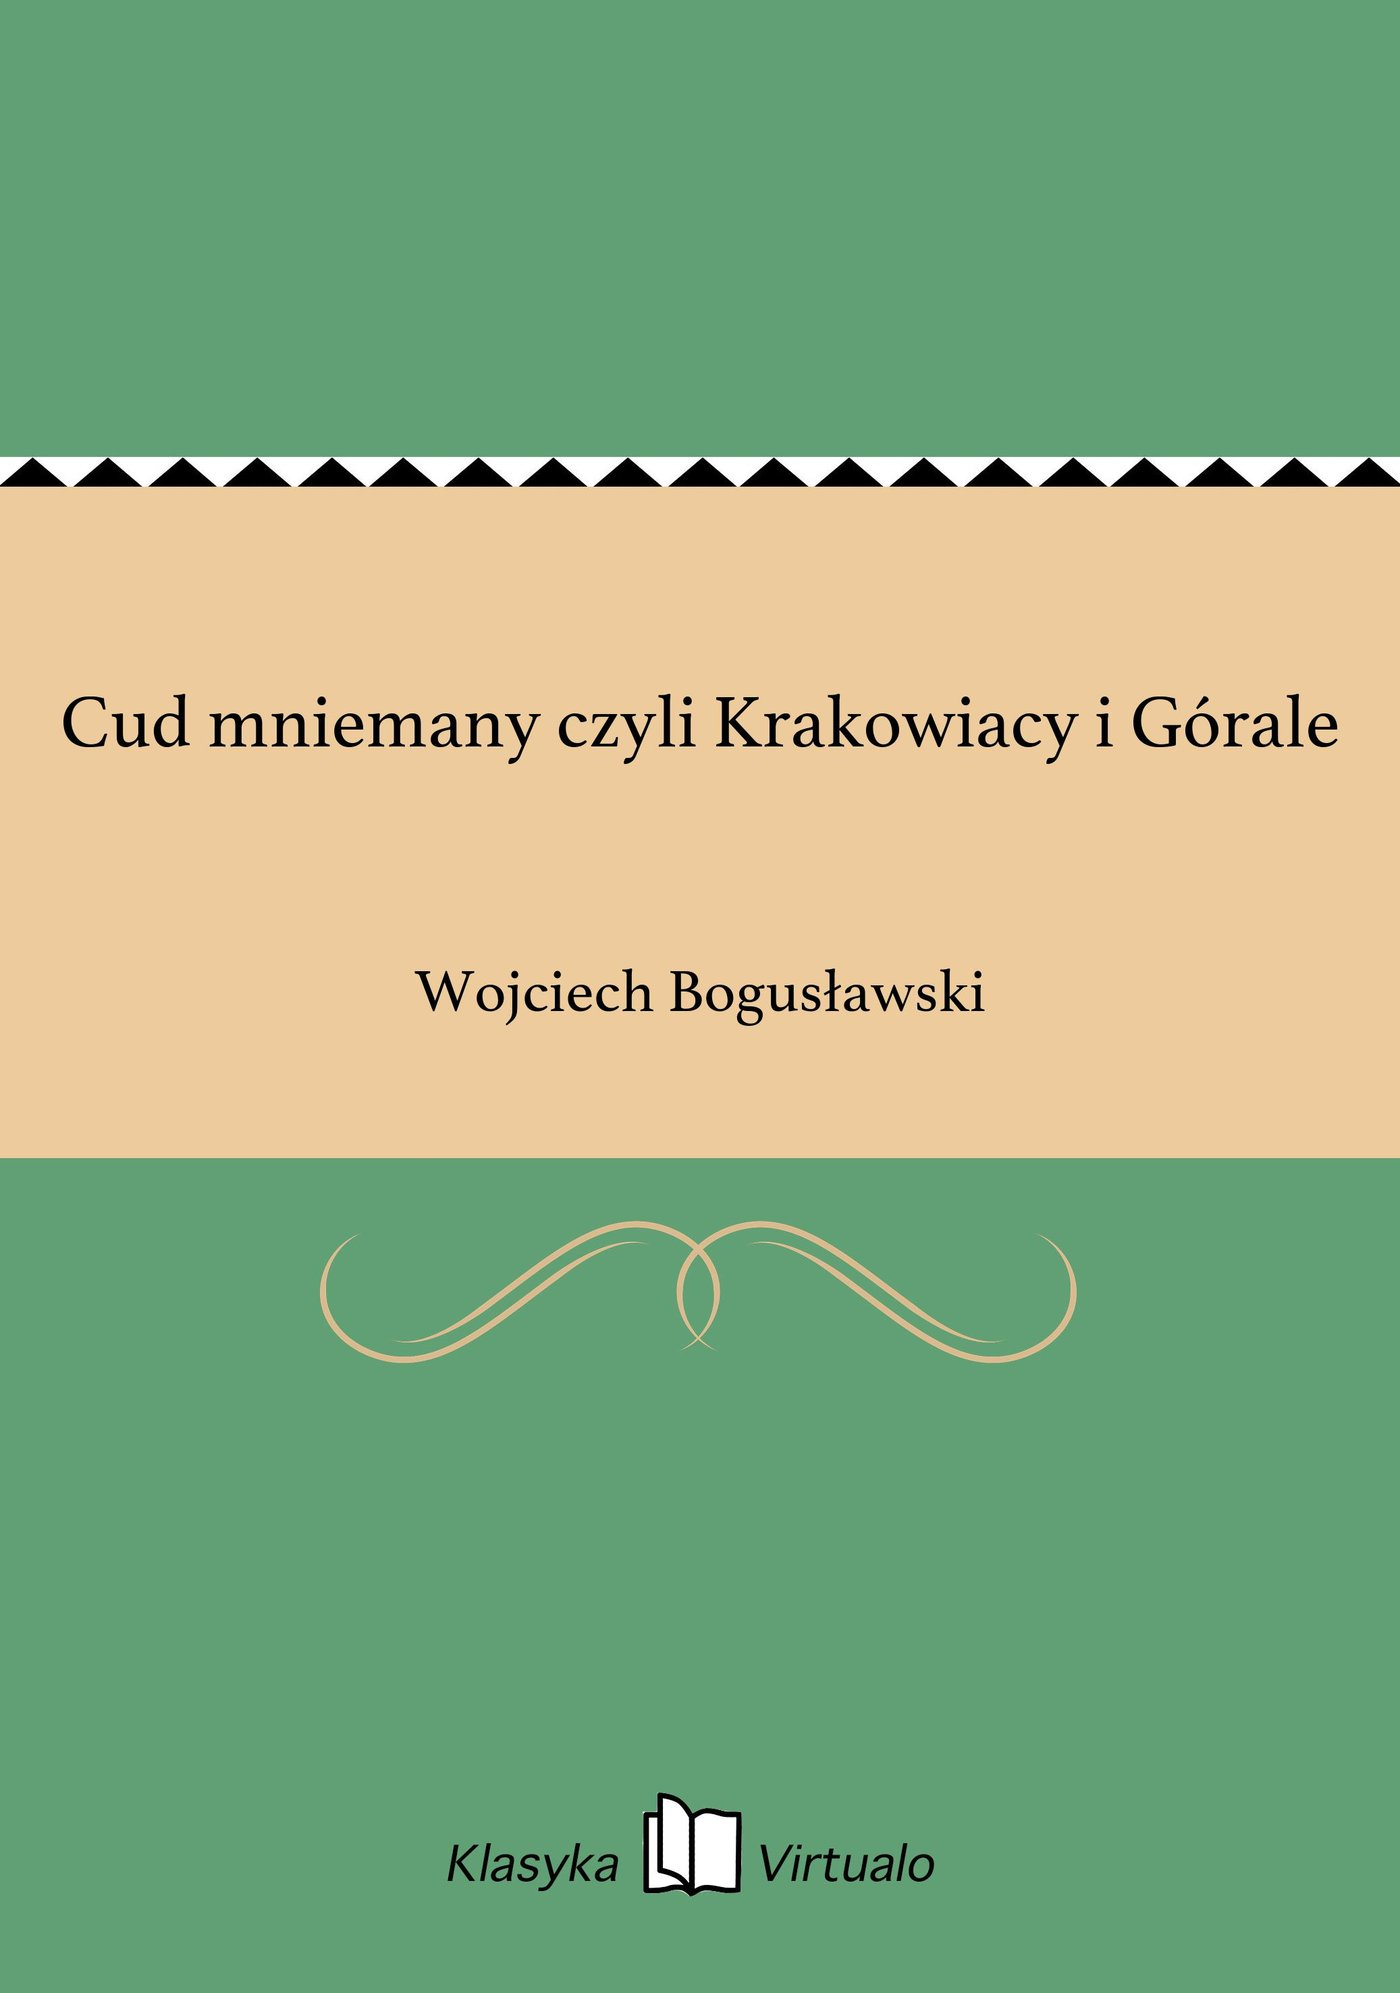 Cud mniemany czyli Krakowiacy i Górale - Ebook (Książka EPUB) do pobrania w formacie EPUB